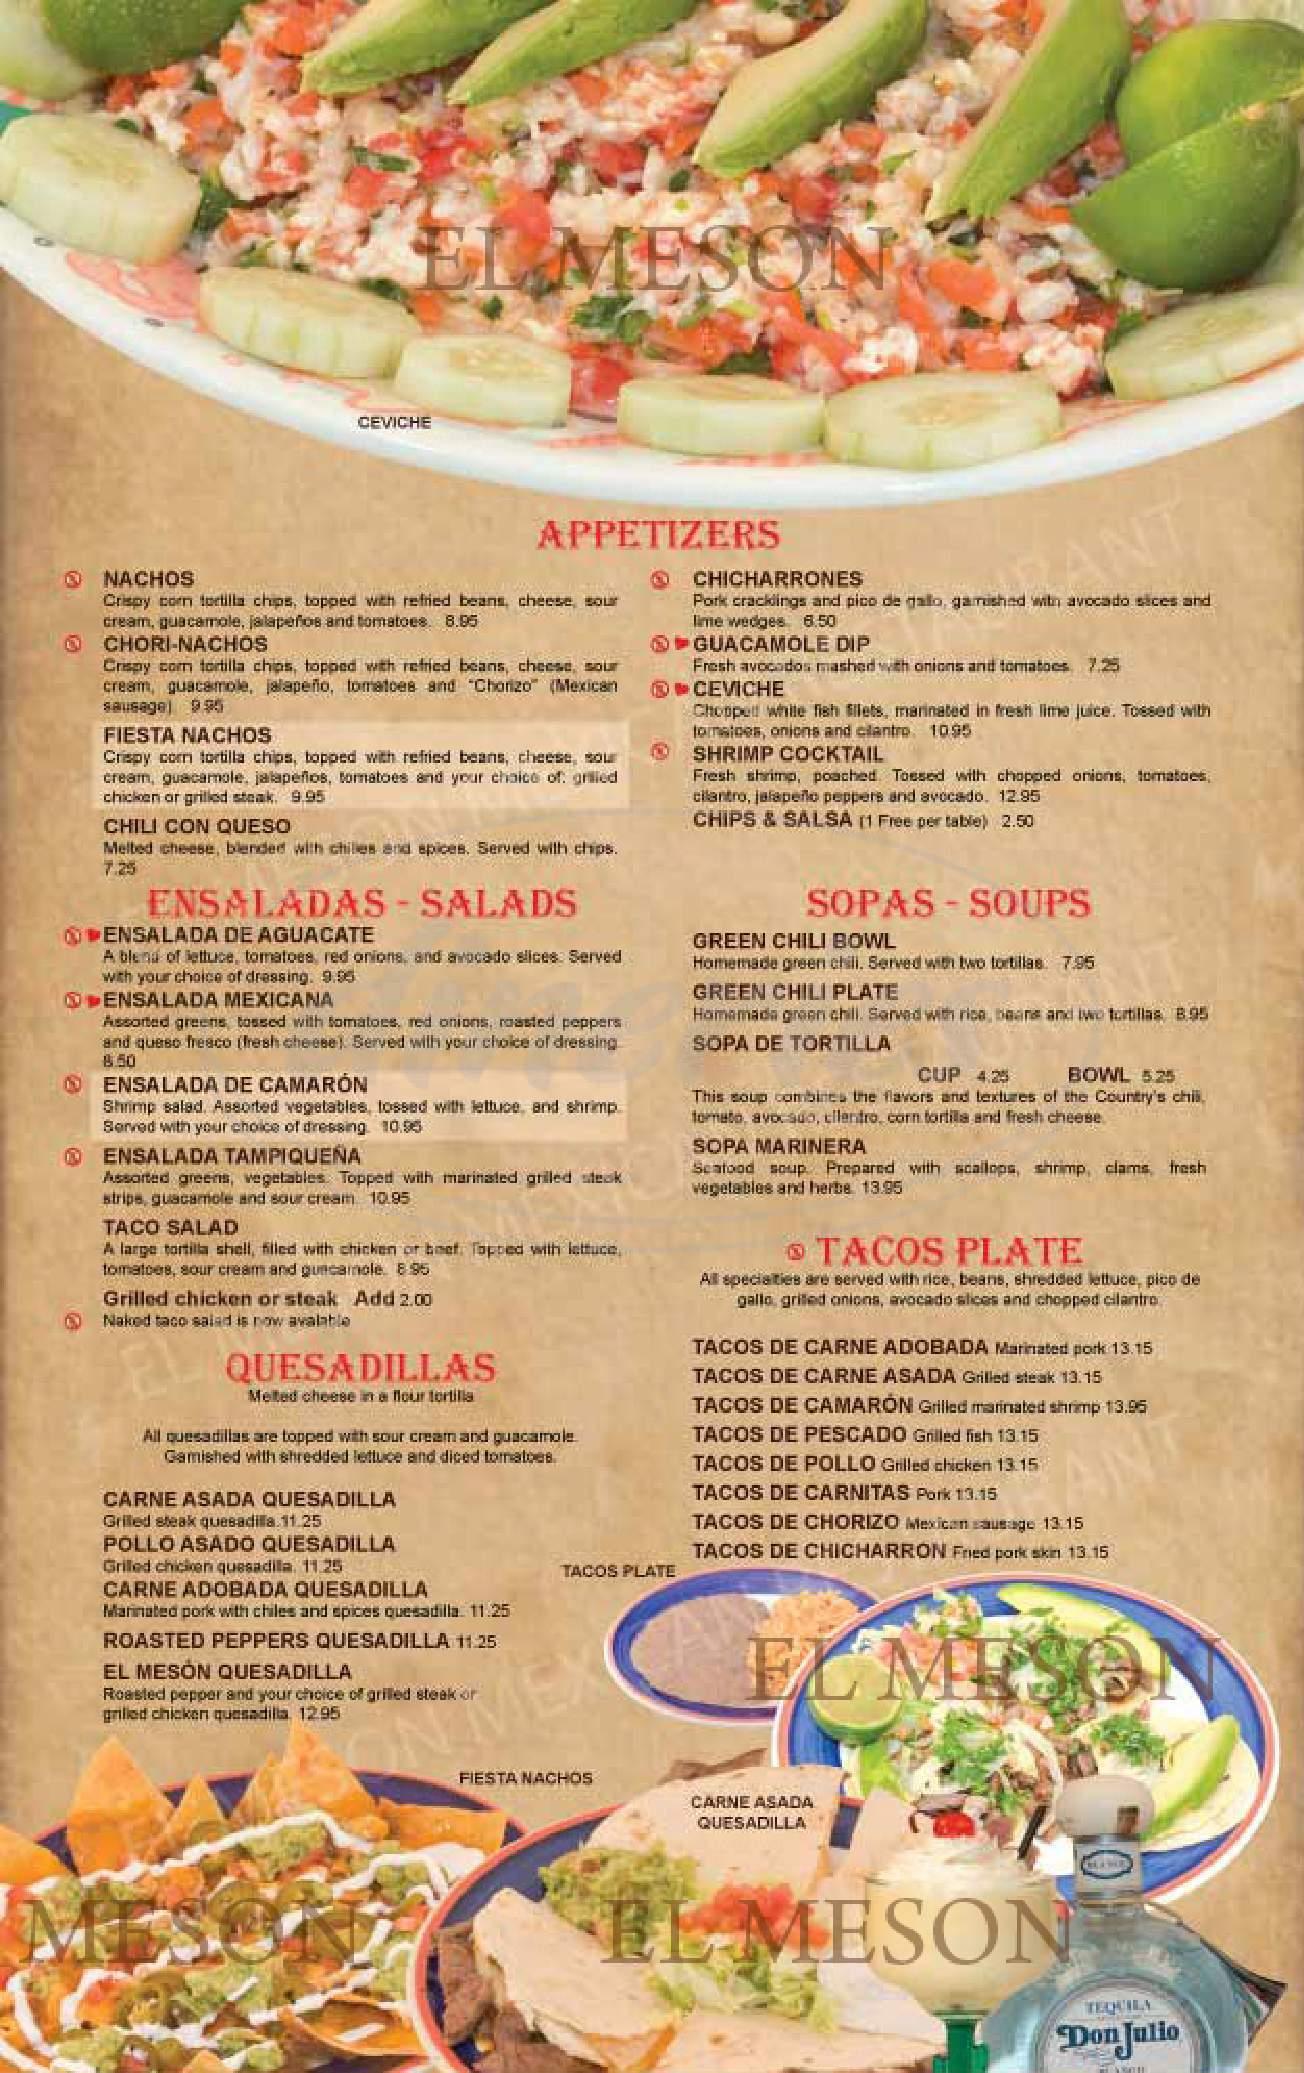 menu for El Meson